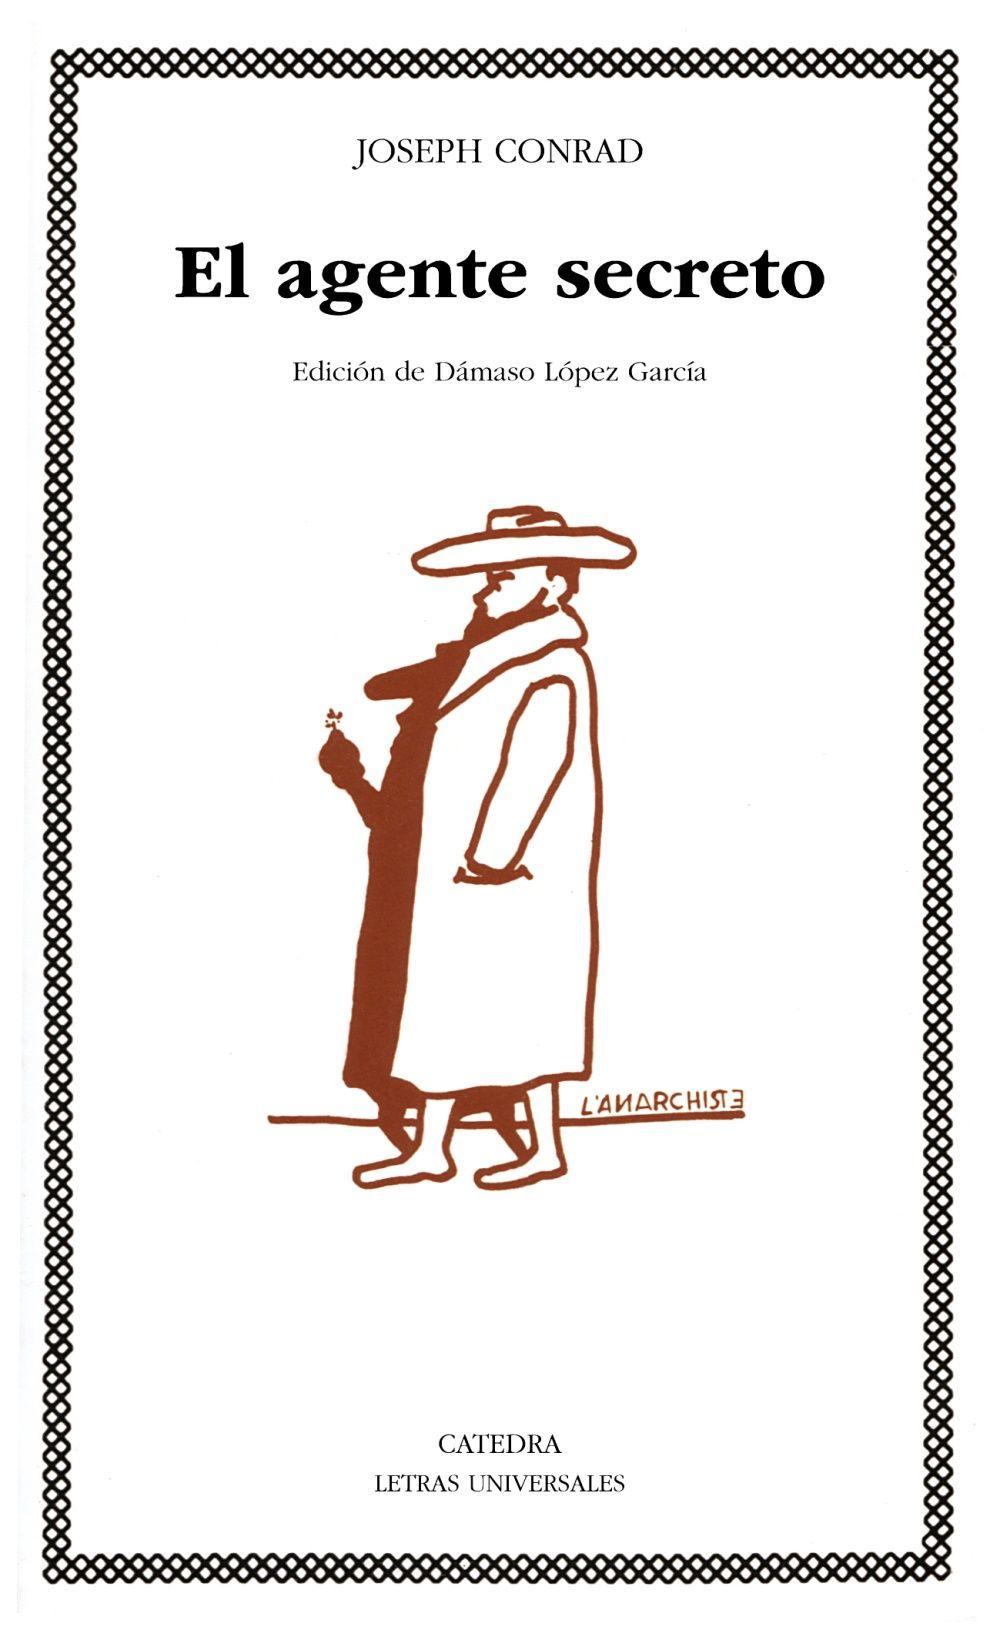 el agente secreto-joseph conrad-9788437613949 | Books/Writers ...